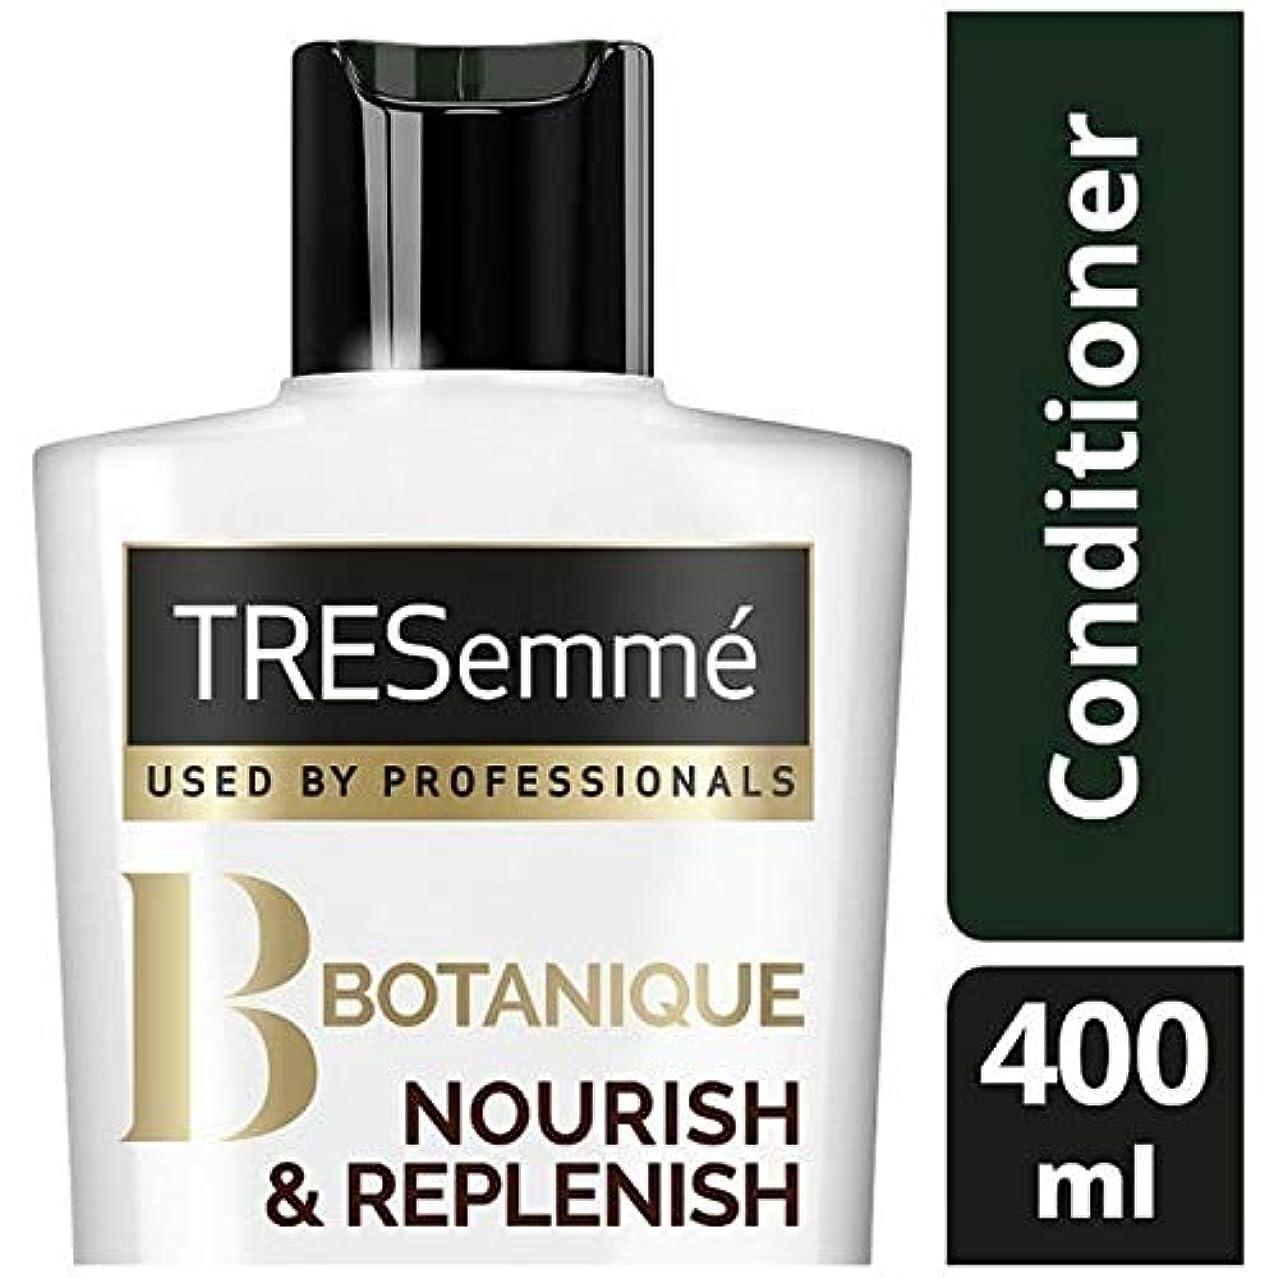 鉄道駅ペンダントその結果[Tresemme] Tresemmeのボタニックを養う&コンディショナー400ミリリットルを補充します - TRESemme Botanique Nourish & Replenish Conditioner 400ml...